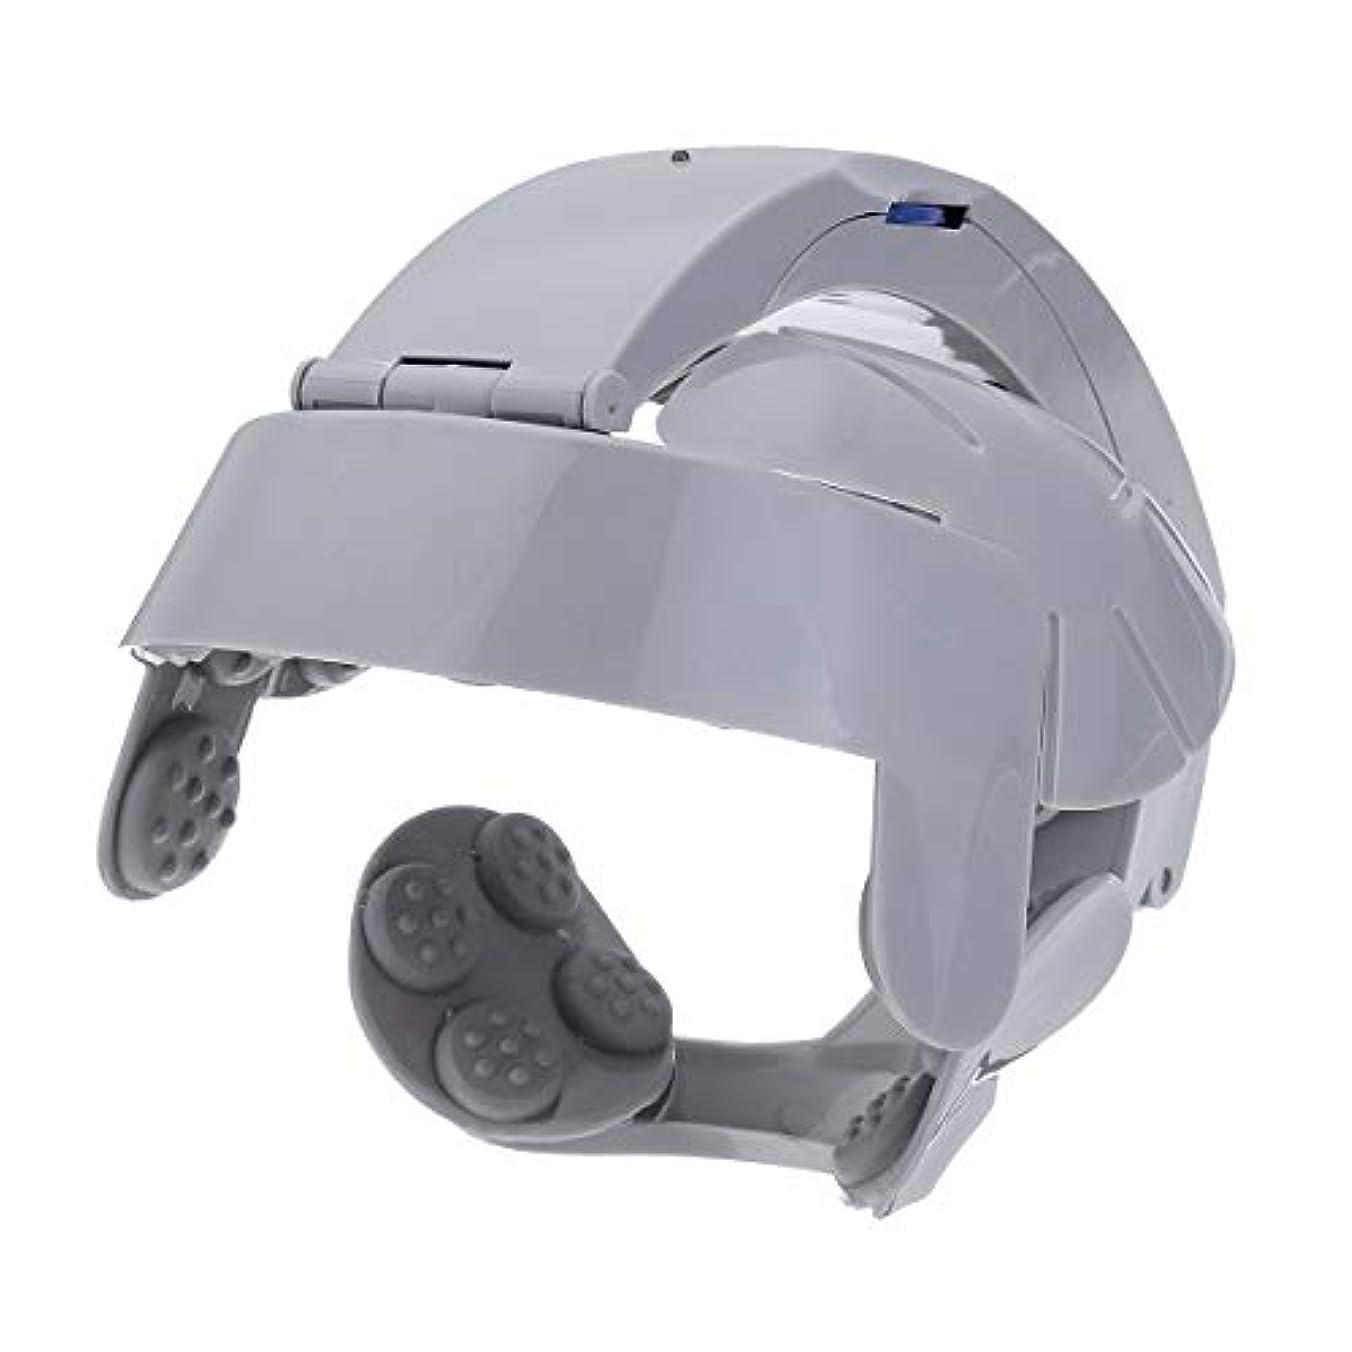 大きなスケールで見ると滝野ウサギヘッド振動マッサージ電動ヘッドマッサージリラックス脳経穴ストレス解放マシンポータブルのためのホーム使用